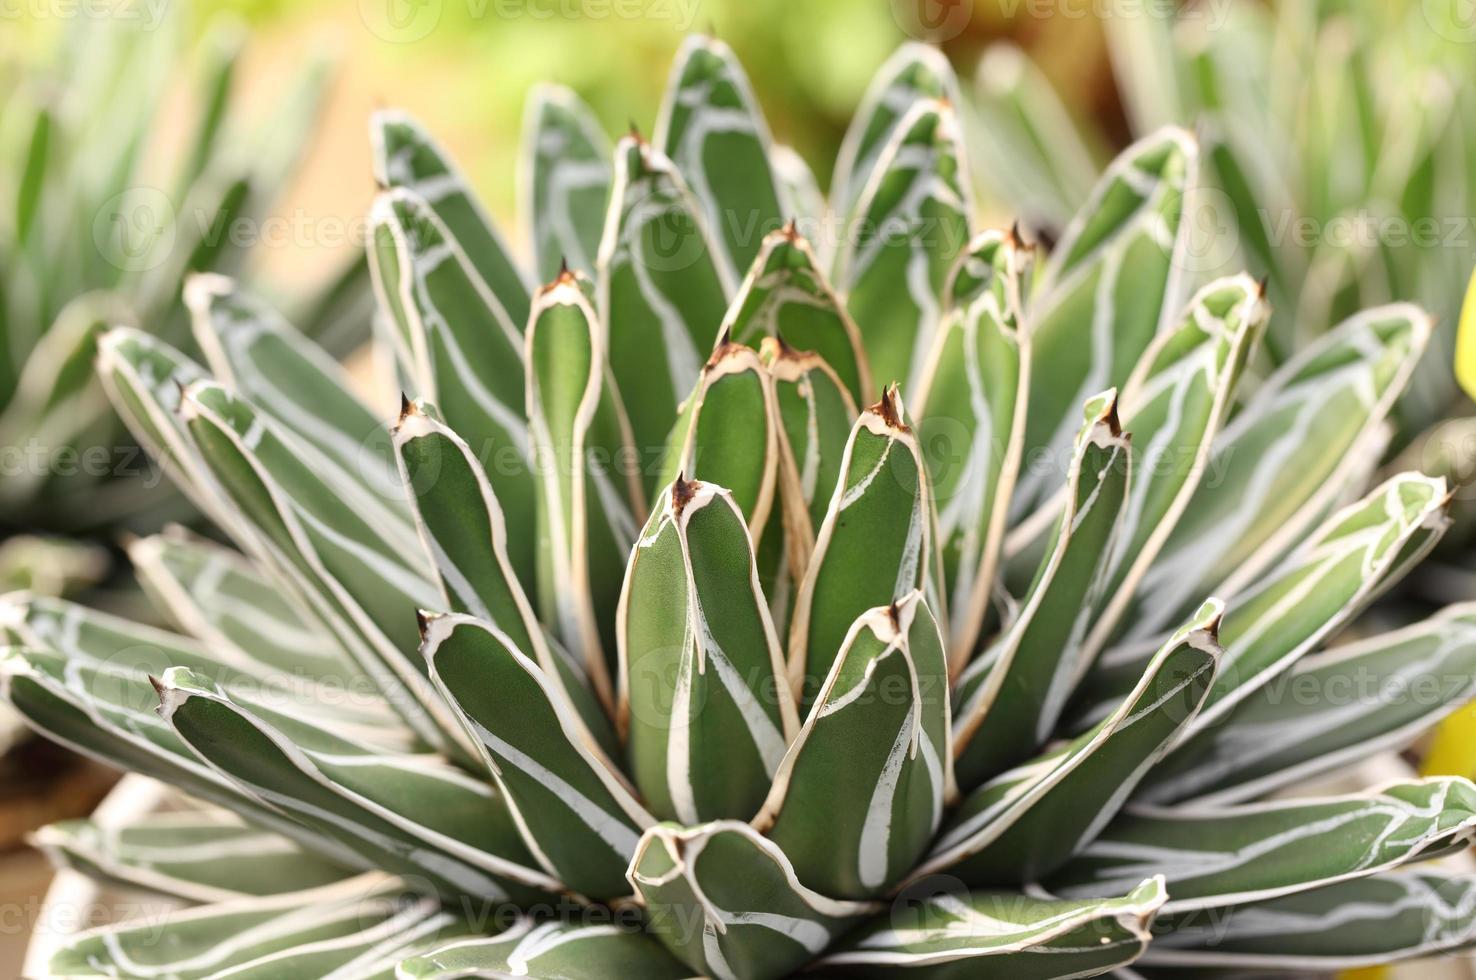 scharfe spitze Agavenpflanzenblätter foto